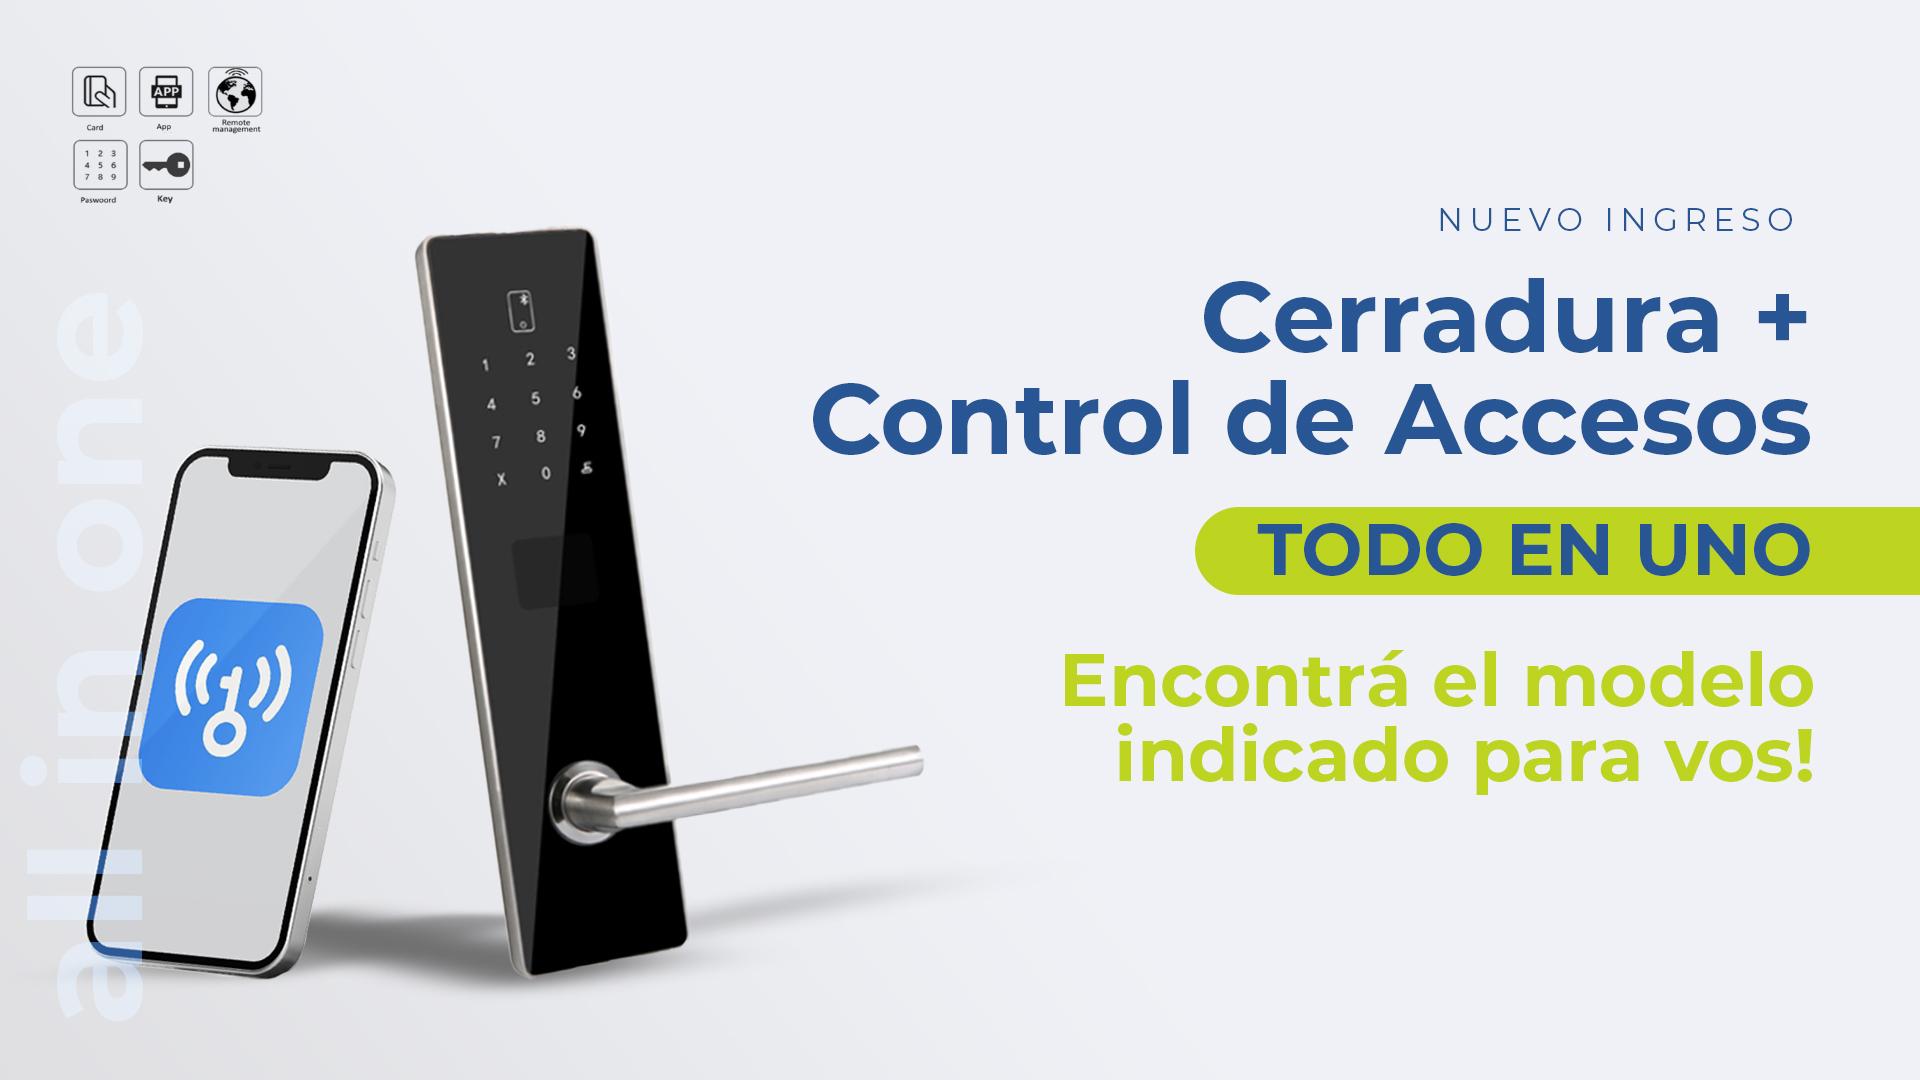 Cerraduras + Control de accesos todo en uno